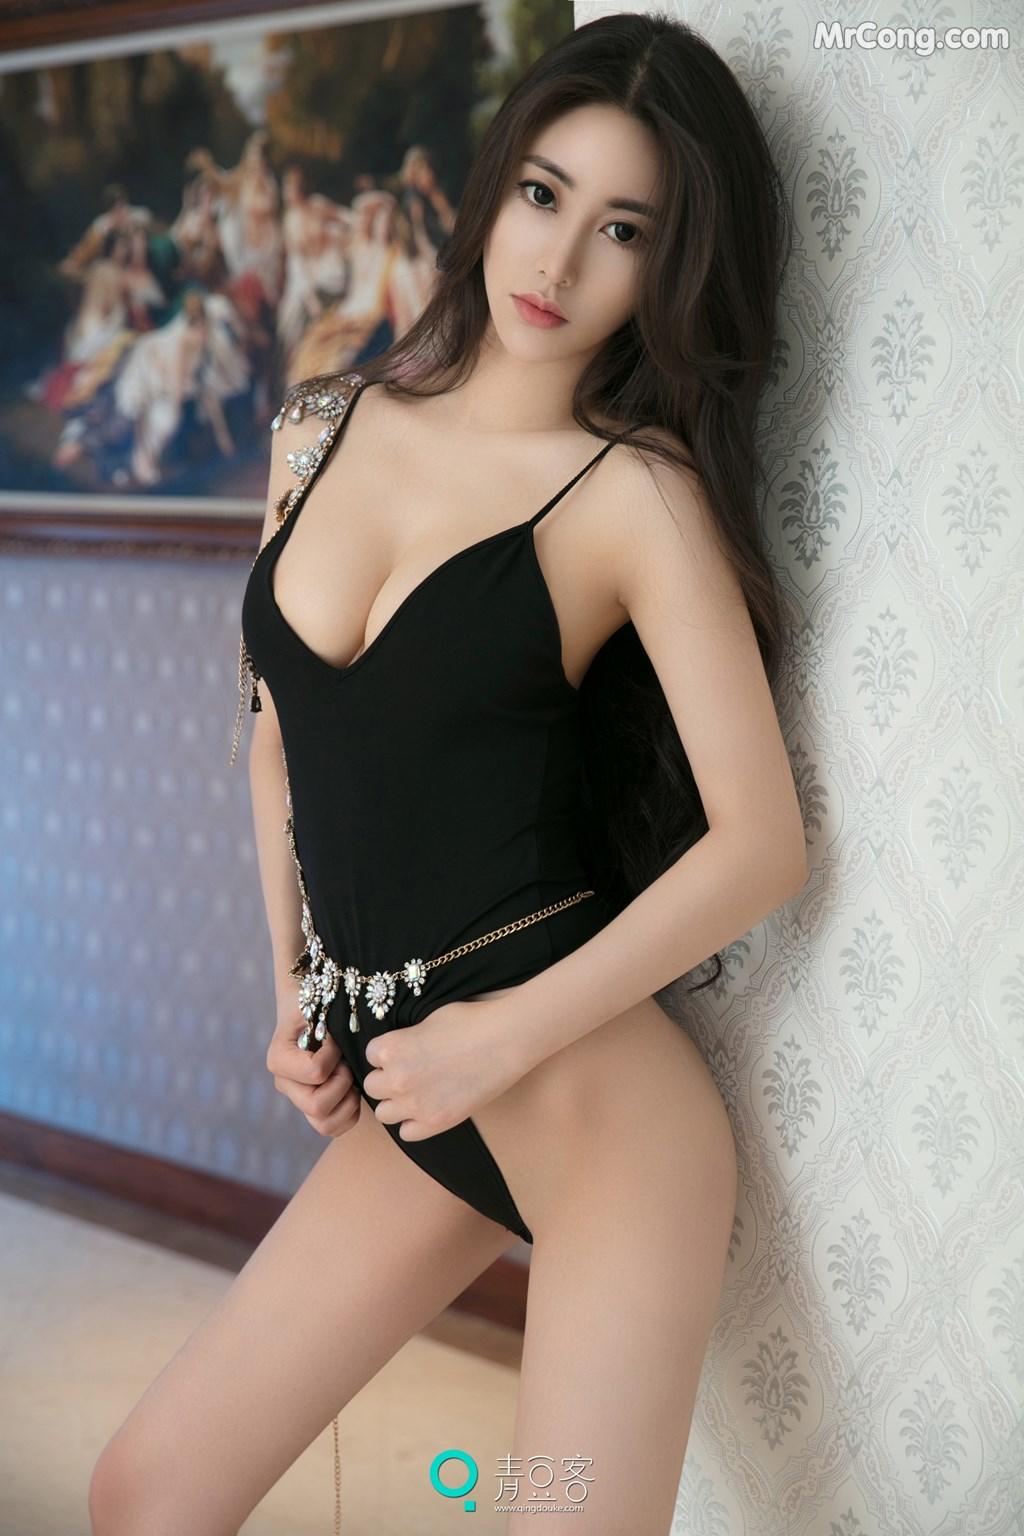 Image QingDouKe-2017-08-03-Mu-Fei-Fei-MrCong.com-013 in post QingDouKe 2017-08-03: Người mẫu Mu Fei Fei (穆菲菲) (53 ảnh)